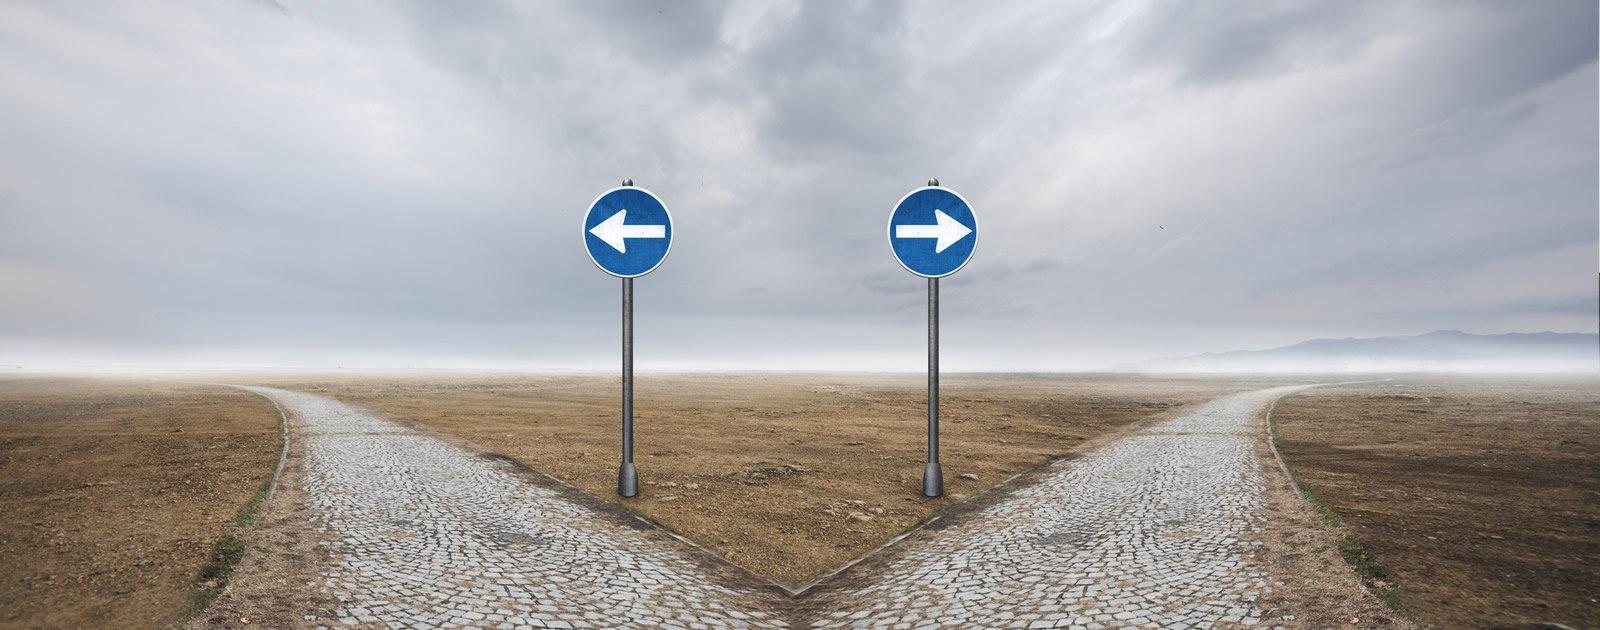 Comment trouver des ressources face à un problème ou une préoccupation ? | Relayance